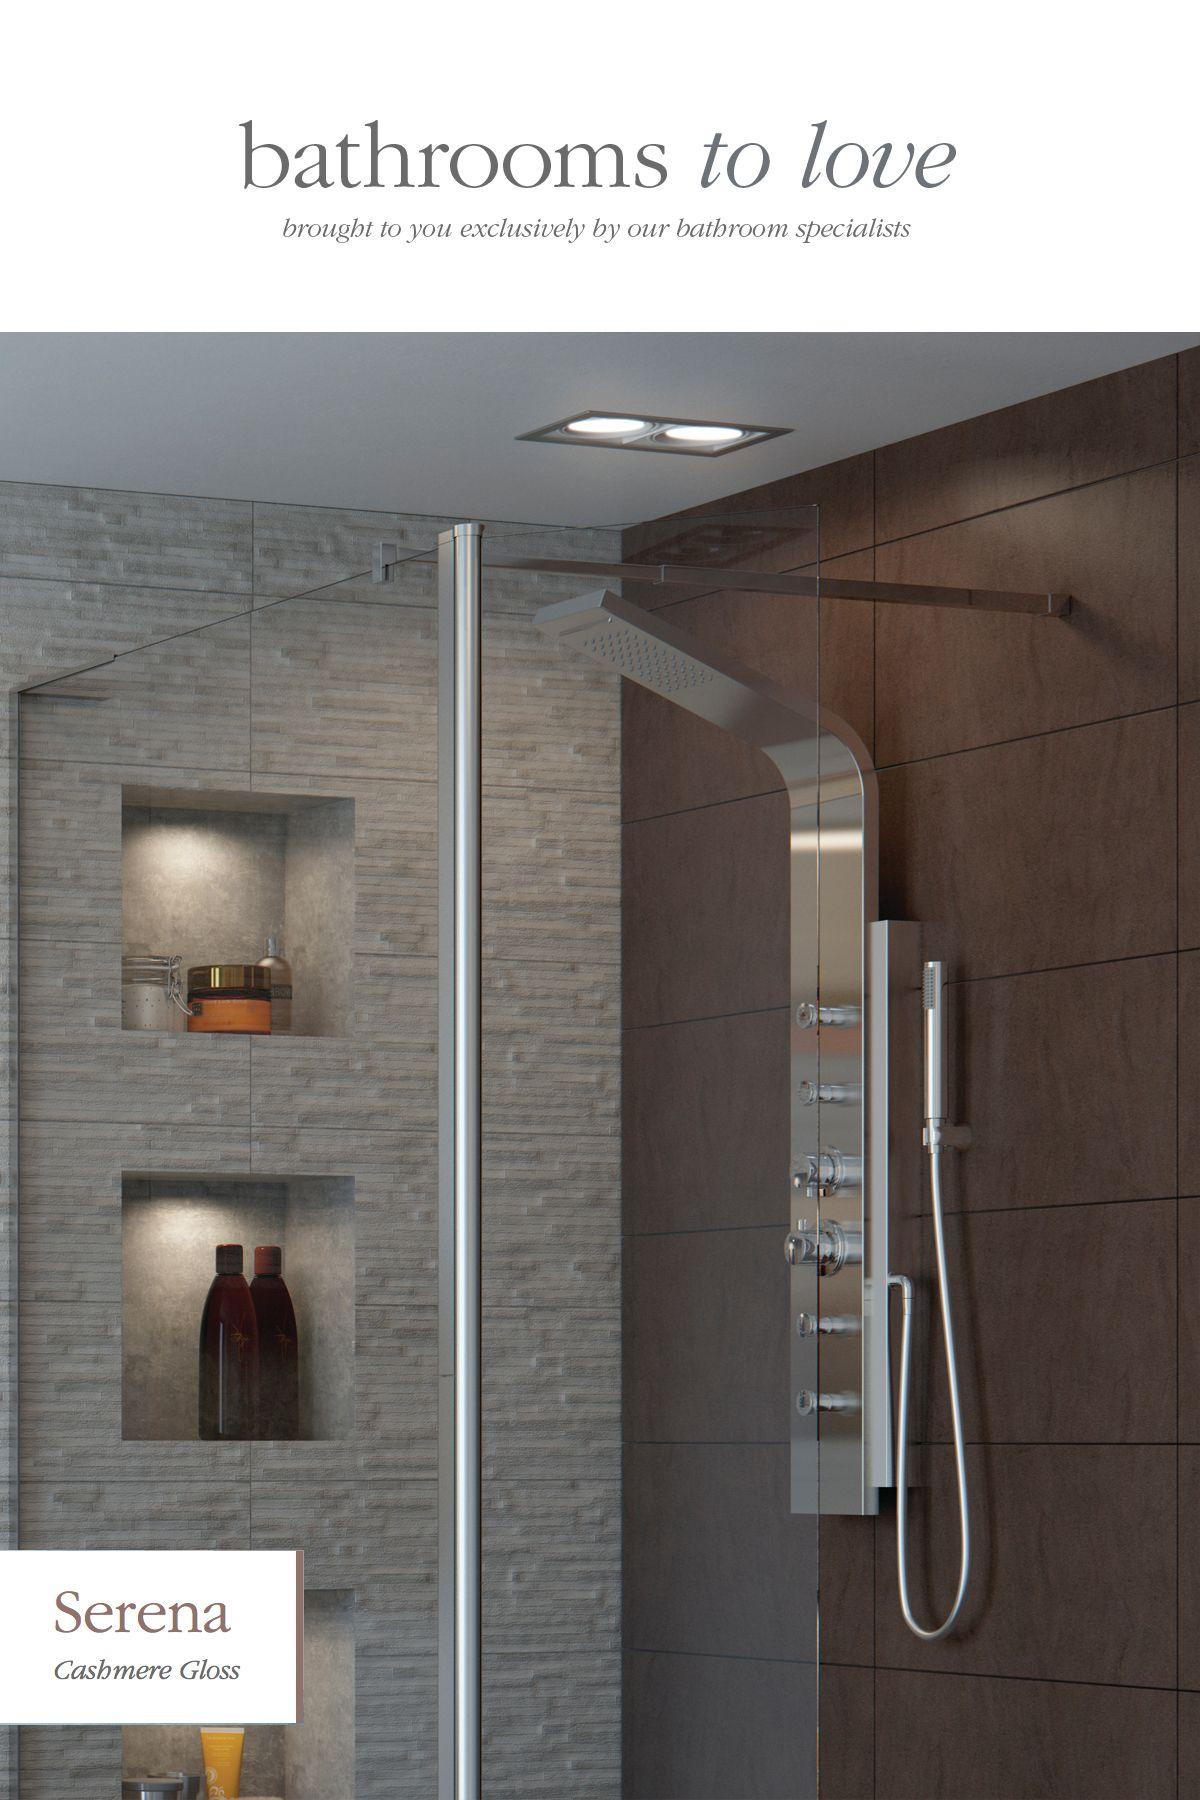 Reflexion 8 Wetroom Panel With Rotate Splash Aurora Shower Tower Modernshower